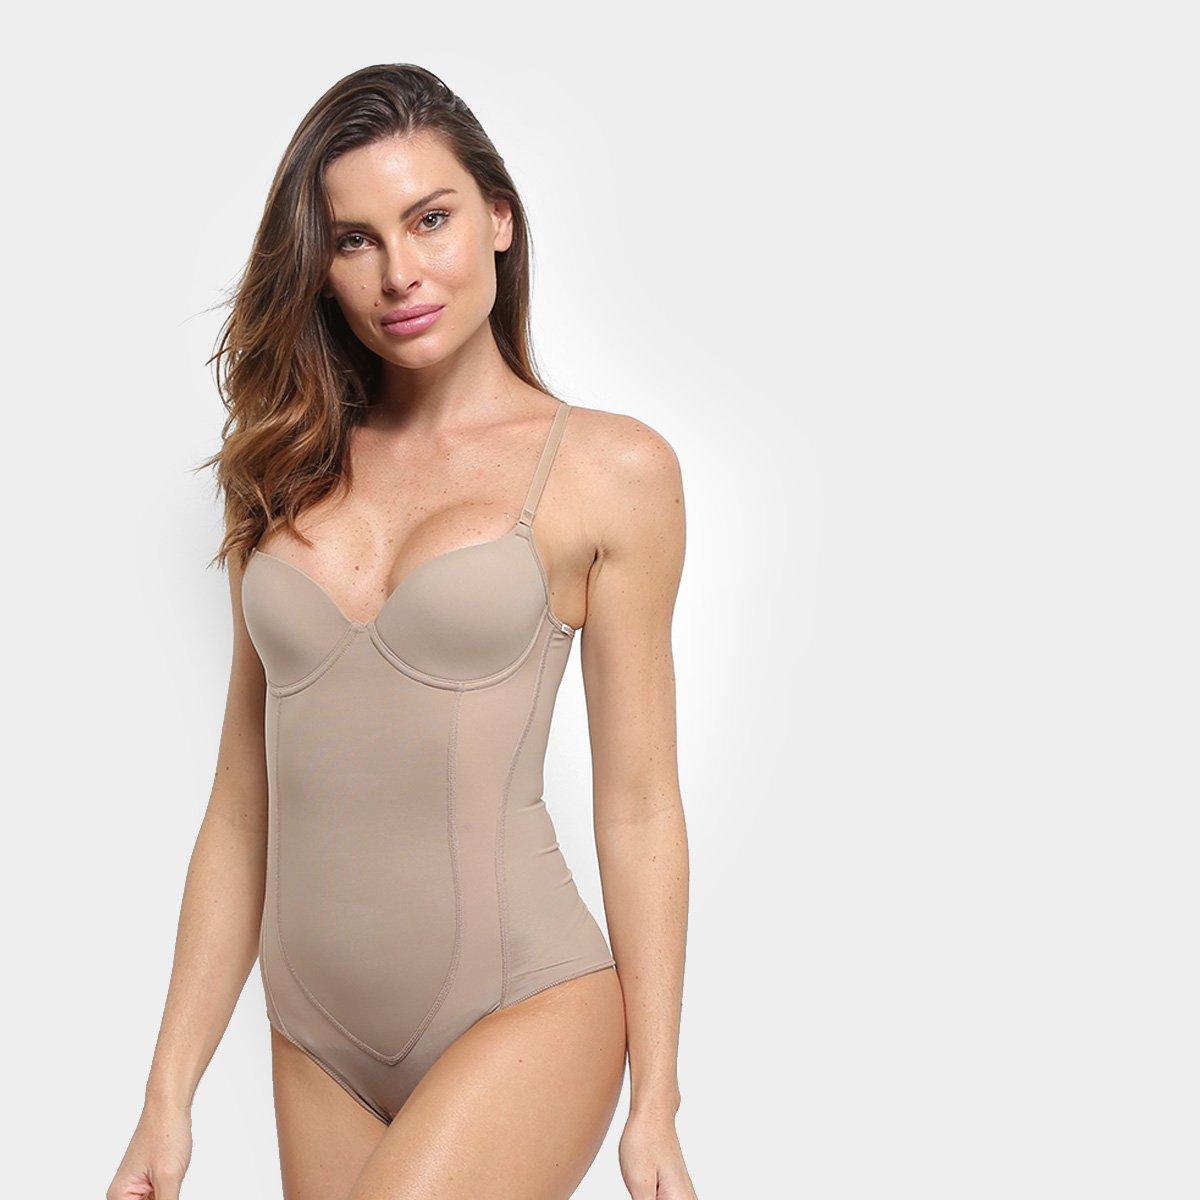 Cinta Hope Body Modelador Bojo Feminina